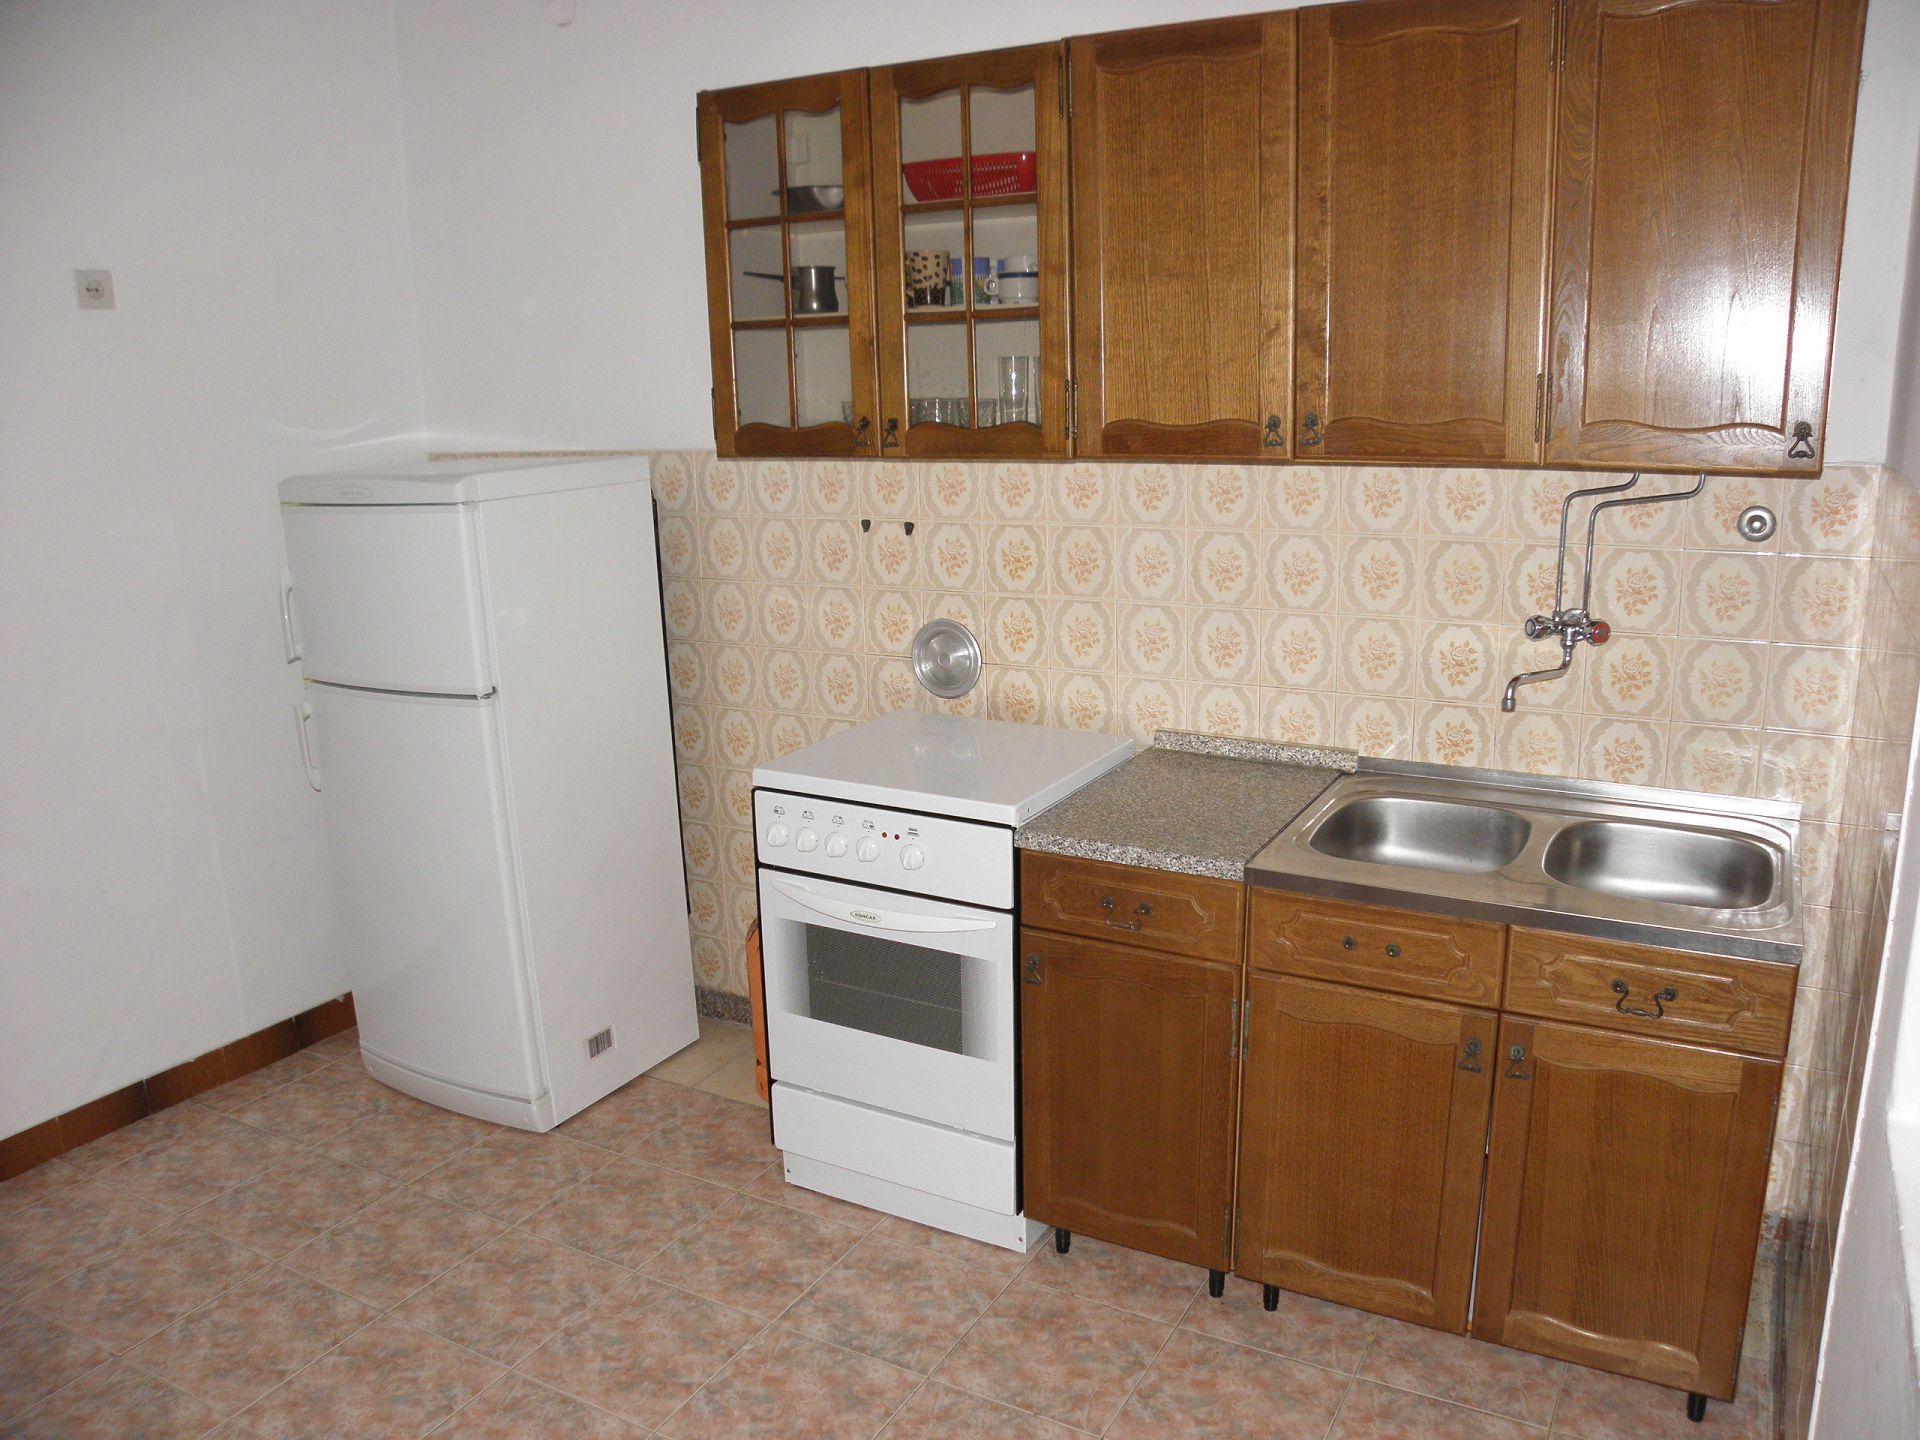 A3(2+2) bijeli: kitchen - Apartamenty  A3(2+2) bijeli 2902 - Wyspa Pag